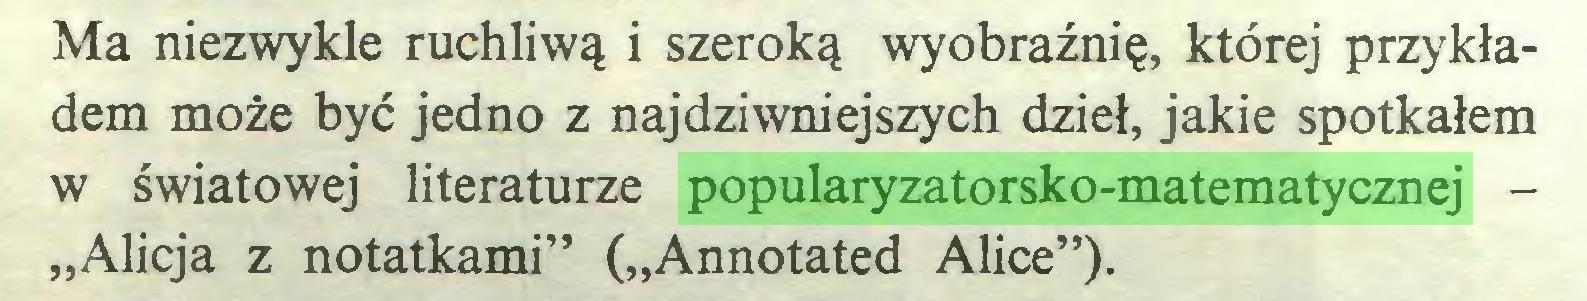 """(...) Ma niezwykle ruchliwą i szeroką wyobraźnię, której przykładem może być jedno z najdziwniejszych dzieł, jakie spotkałem w światowej literaturze popularyzatorsko-matematycznej """"Alicja z notatkami"""" (""""Annotated Alice"""")..."""